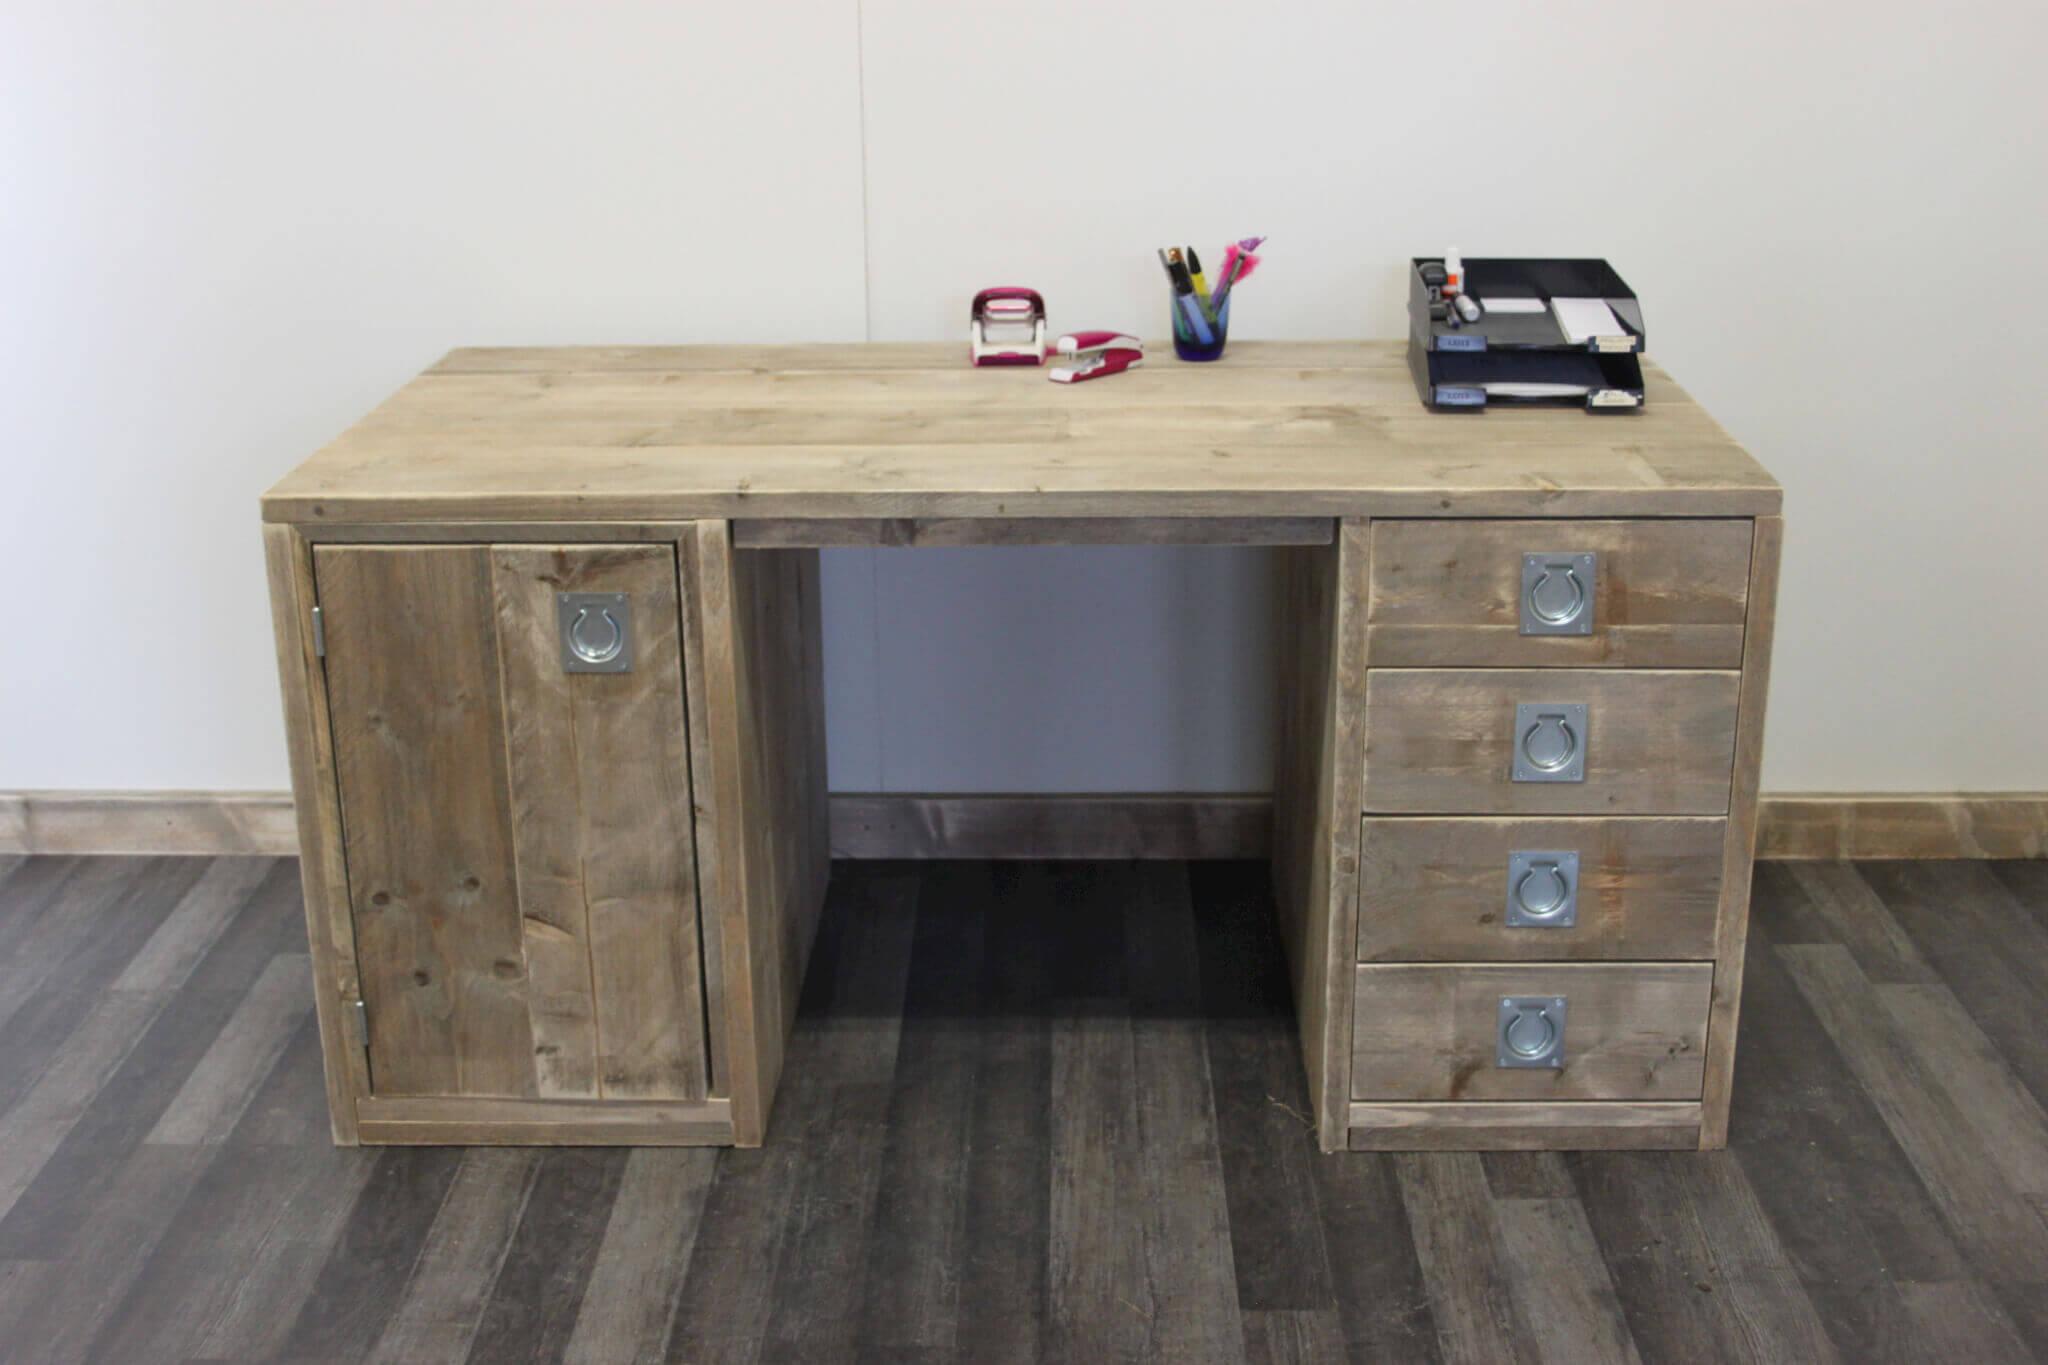 bureau zelf maken versterbank bureau met vakken zelf maken inspiratie cargo bureau 39. Black Bedroom Furniture Sets. Home Design Ideas